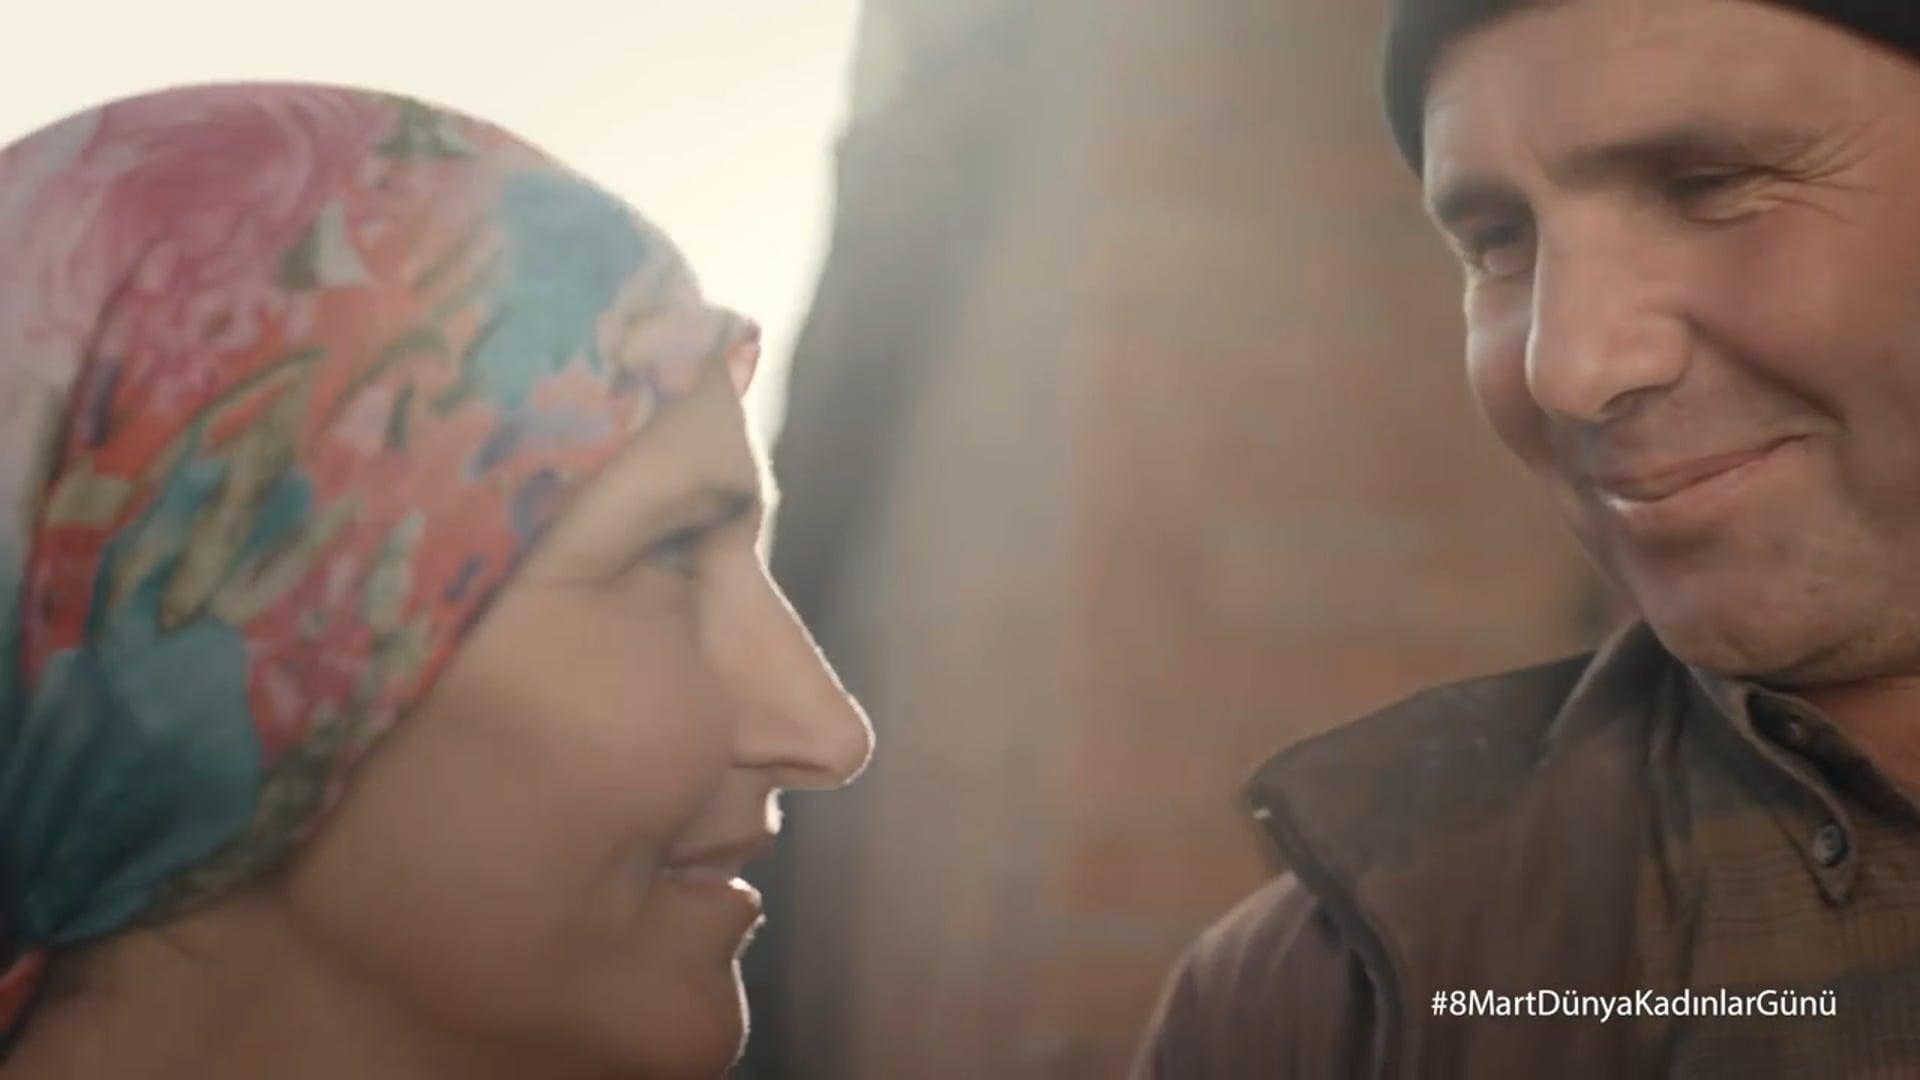 """Director:Sinema Cezayirli -FILLI BOYA- Women's Day""""All Together*#8MartDünyaKadınlarGünü #AncaBeraber"""